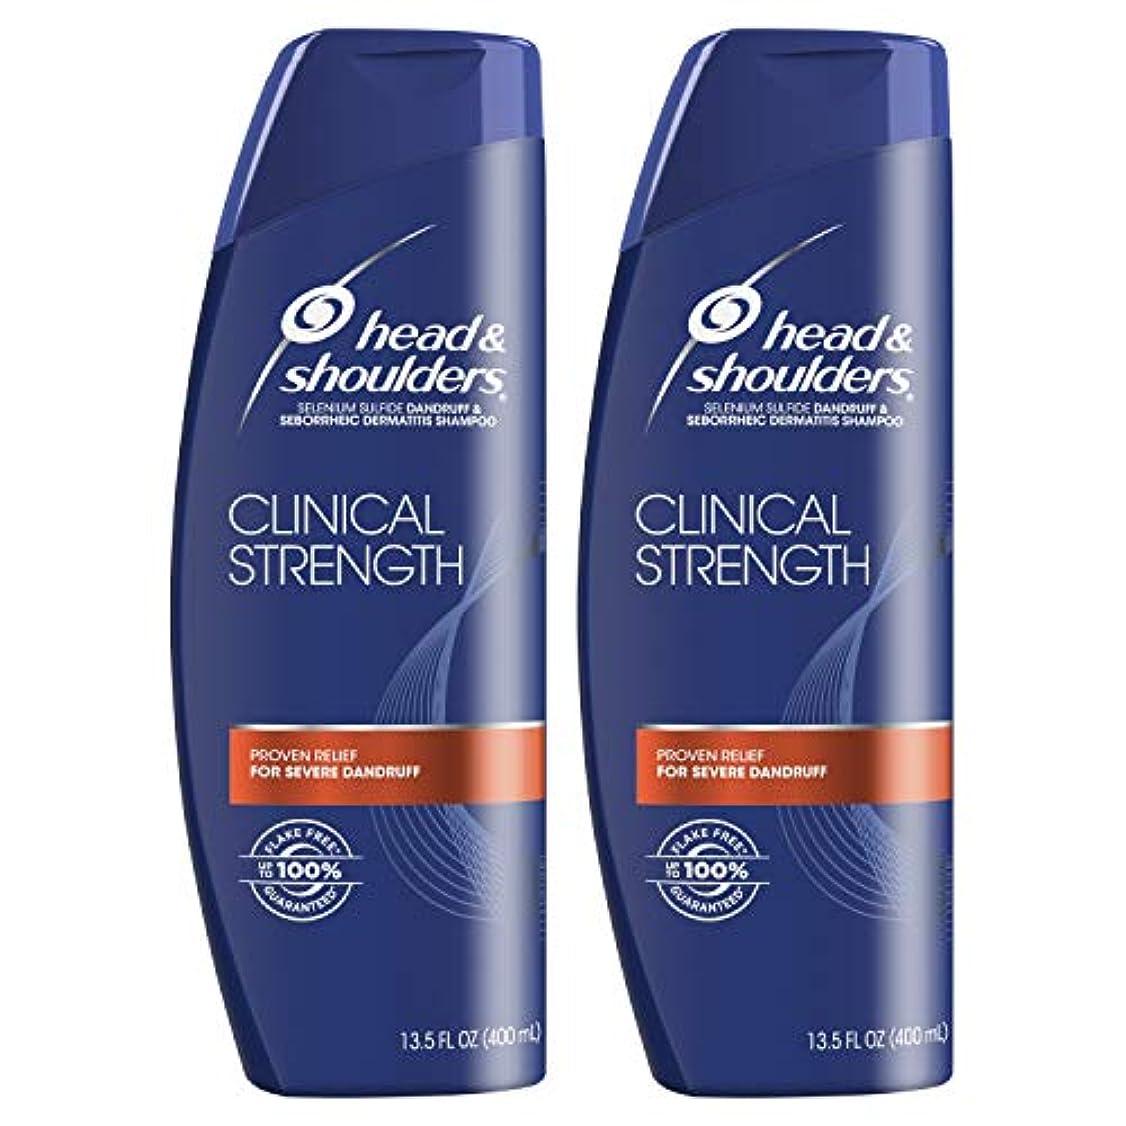 平等ミトン香港Head and Shoulders Clinical Strength Dandruff and Seborrheic Dermatitisシャンプー、13.5 FL OZ